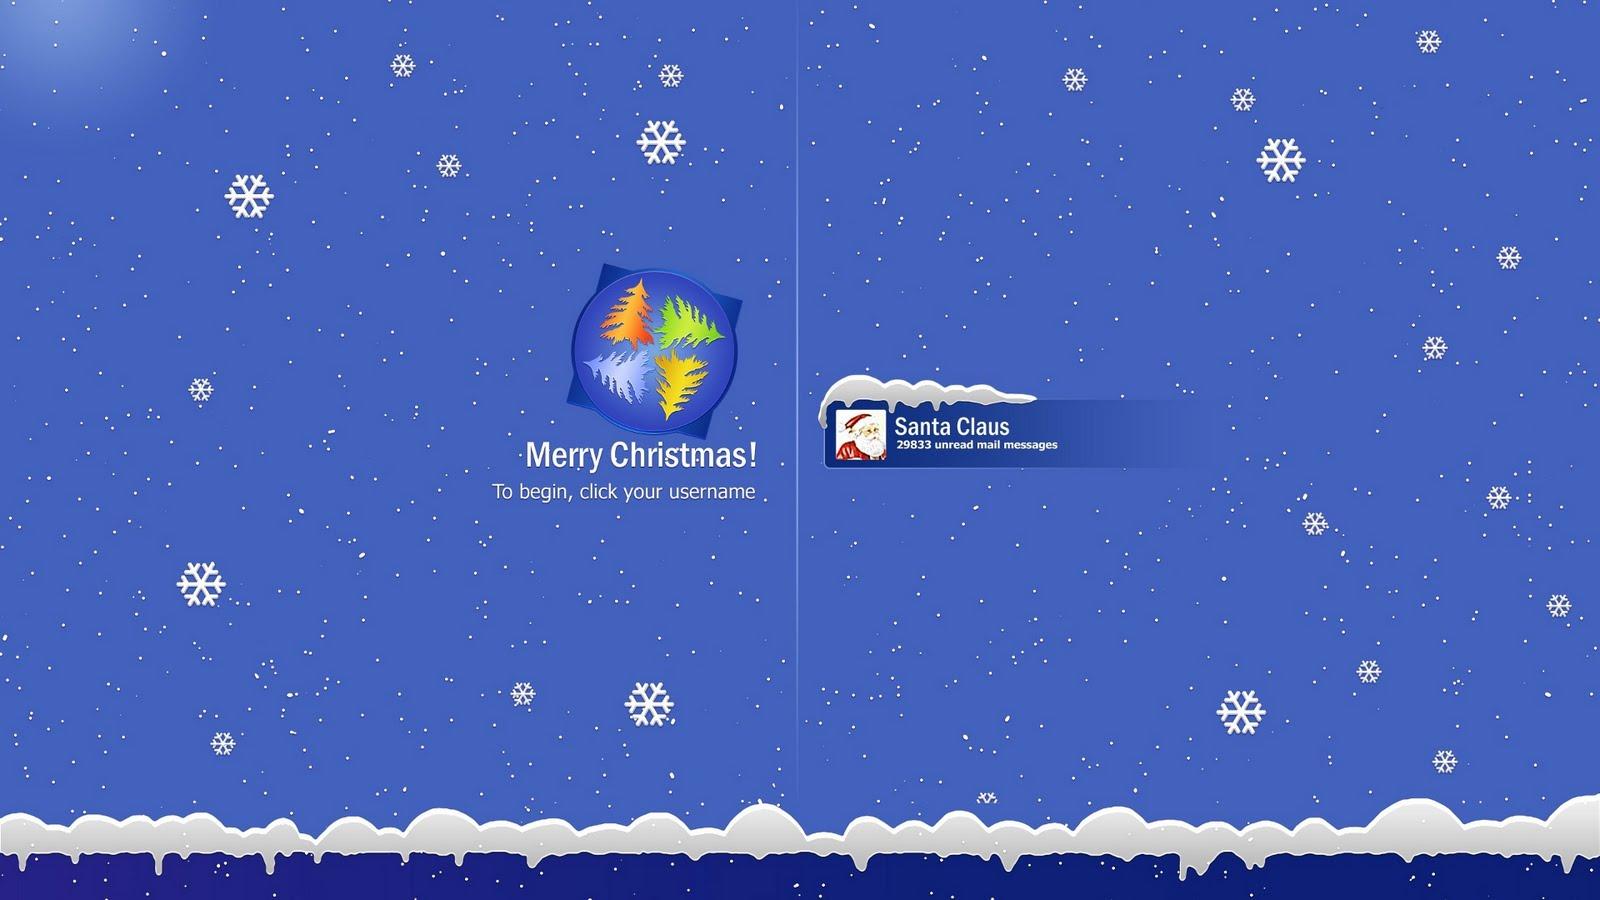 http://4.bp.blogspot.com/-0aYD8aL_cRk/TrgXKweCobI/AAAAAAAAAOk/EexYihbuFwM/s1600/christmas_login-HD-wallpapers.jpg